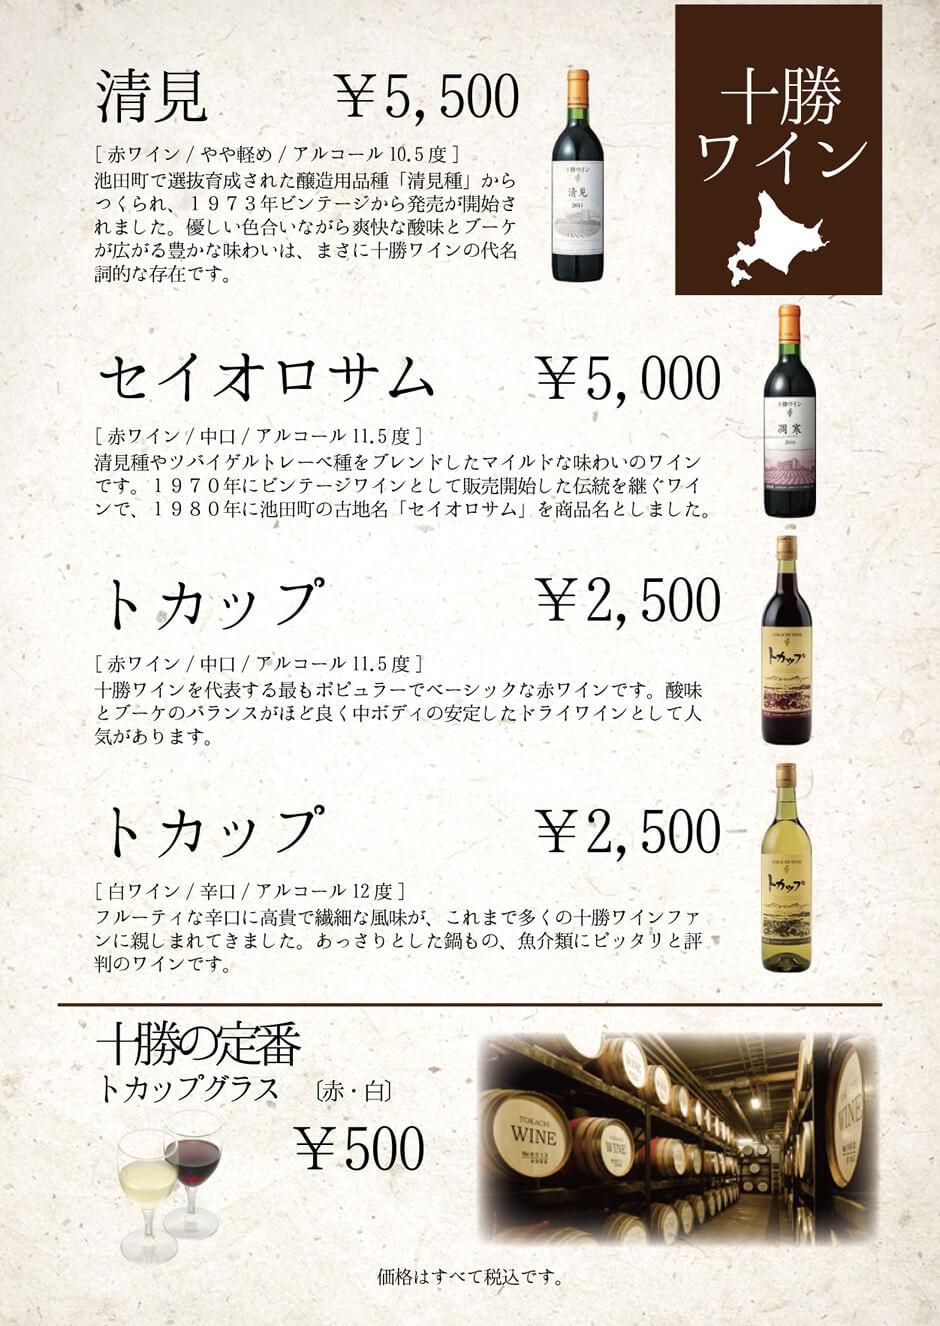 ランチョ エルパソ×A4ドリンクメニュー_06P十勝ワイン3修正-01